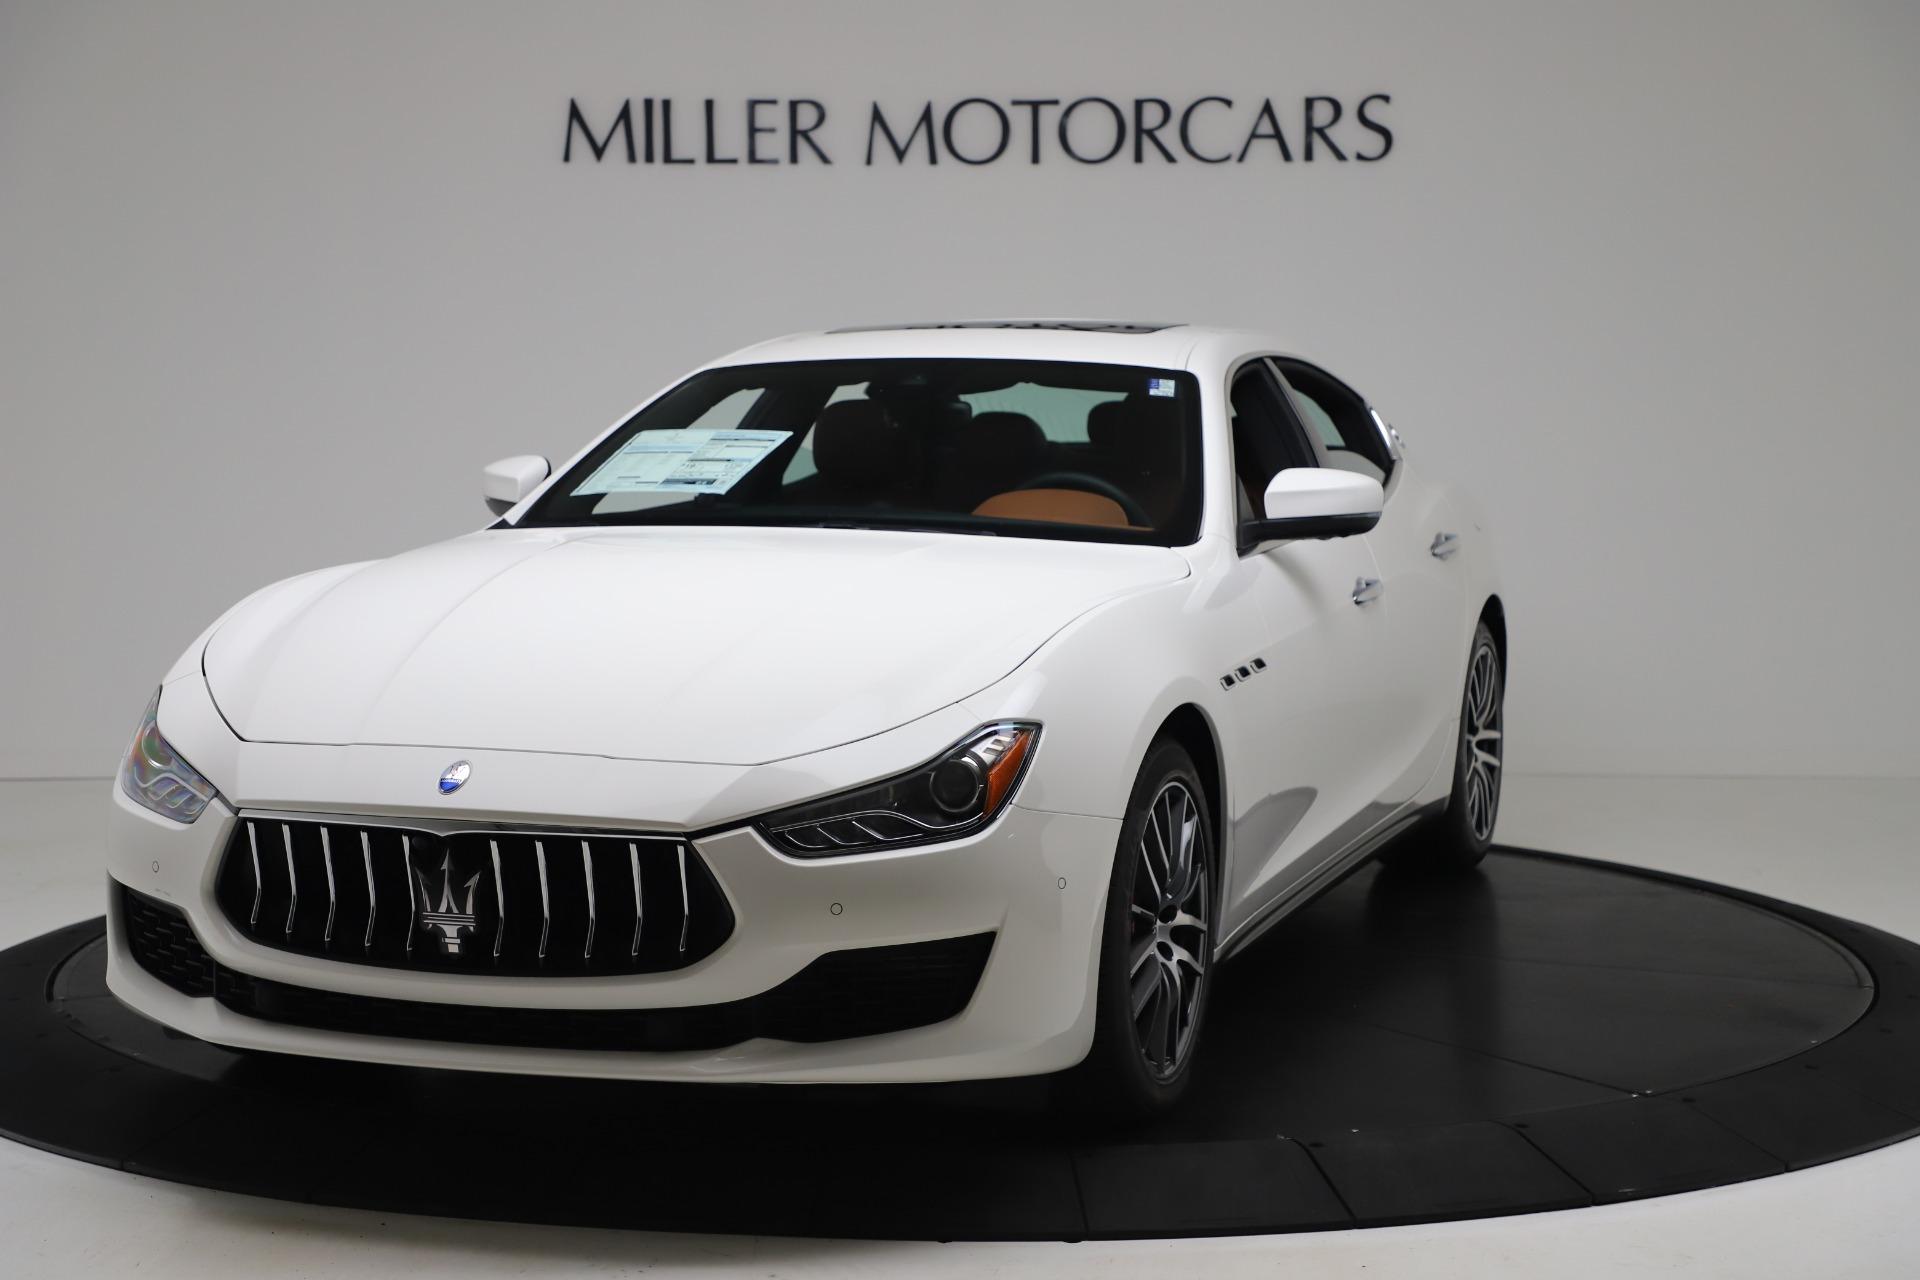 New 2020 Maserati Ghibli S Q4 for sale $84,735 at Maserati of Westport in Westport CT 06880 1